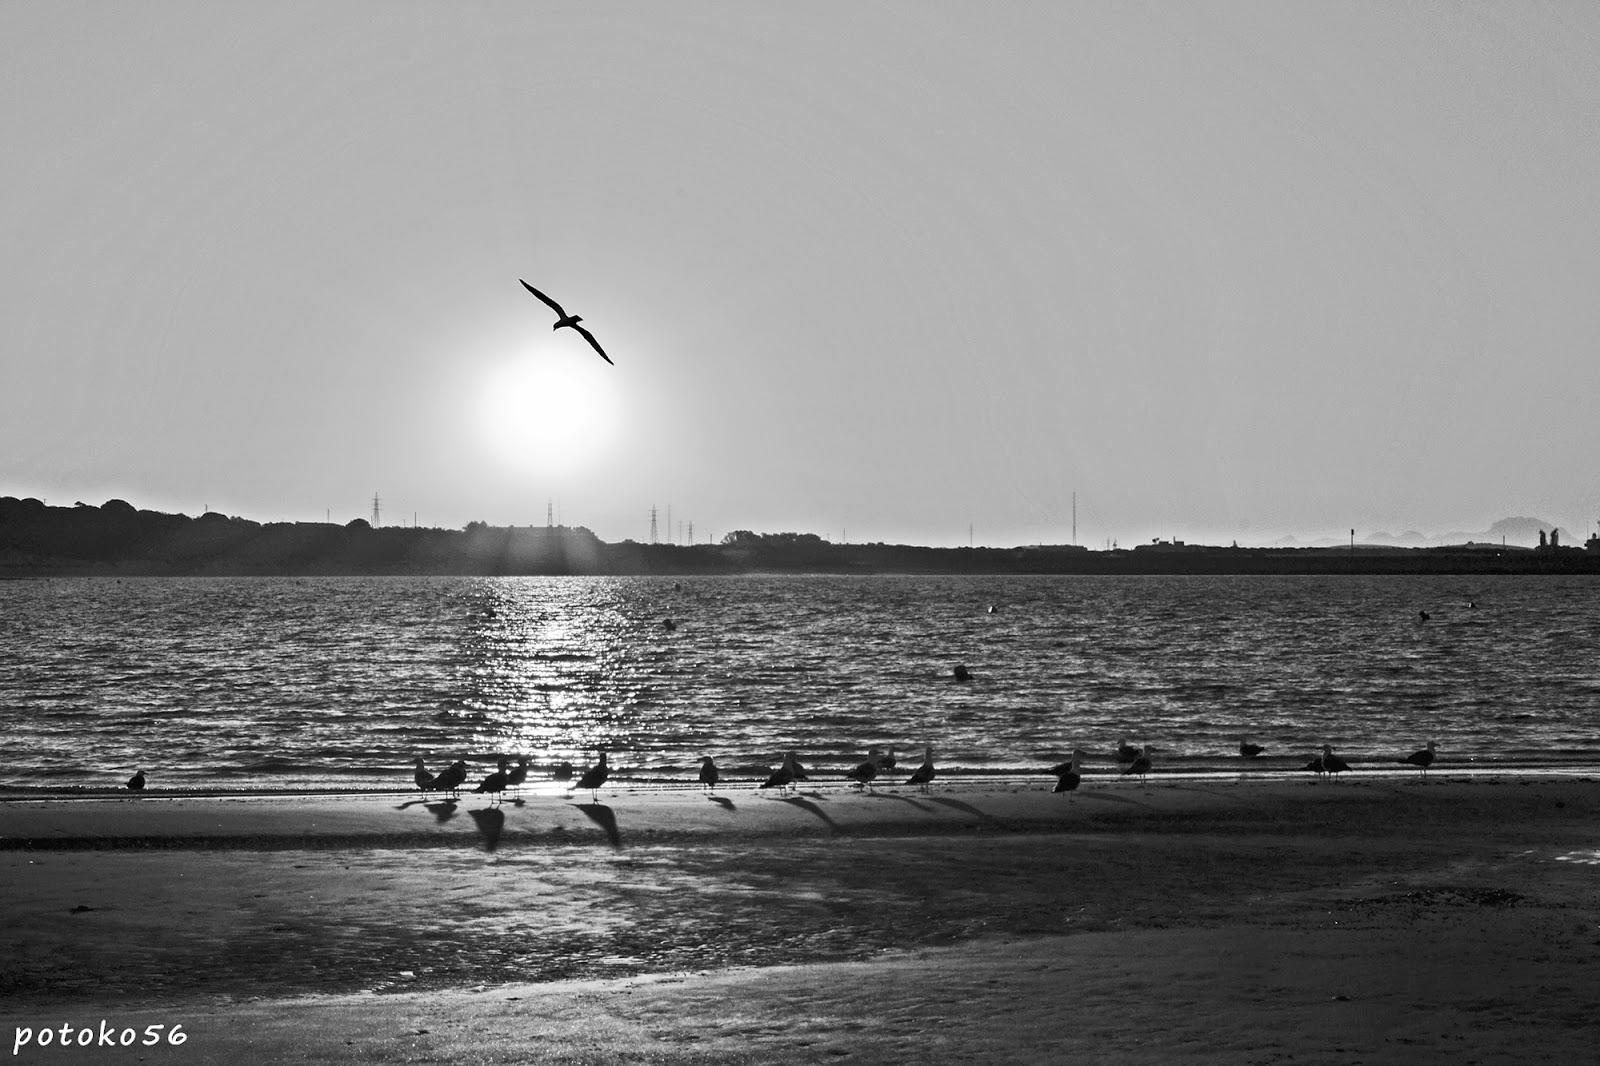 amanecer de hoy con gaviotas en la orilla del Chorrillo Rota